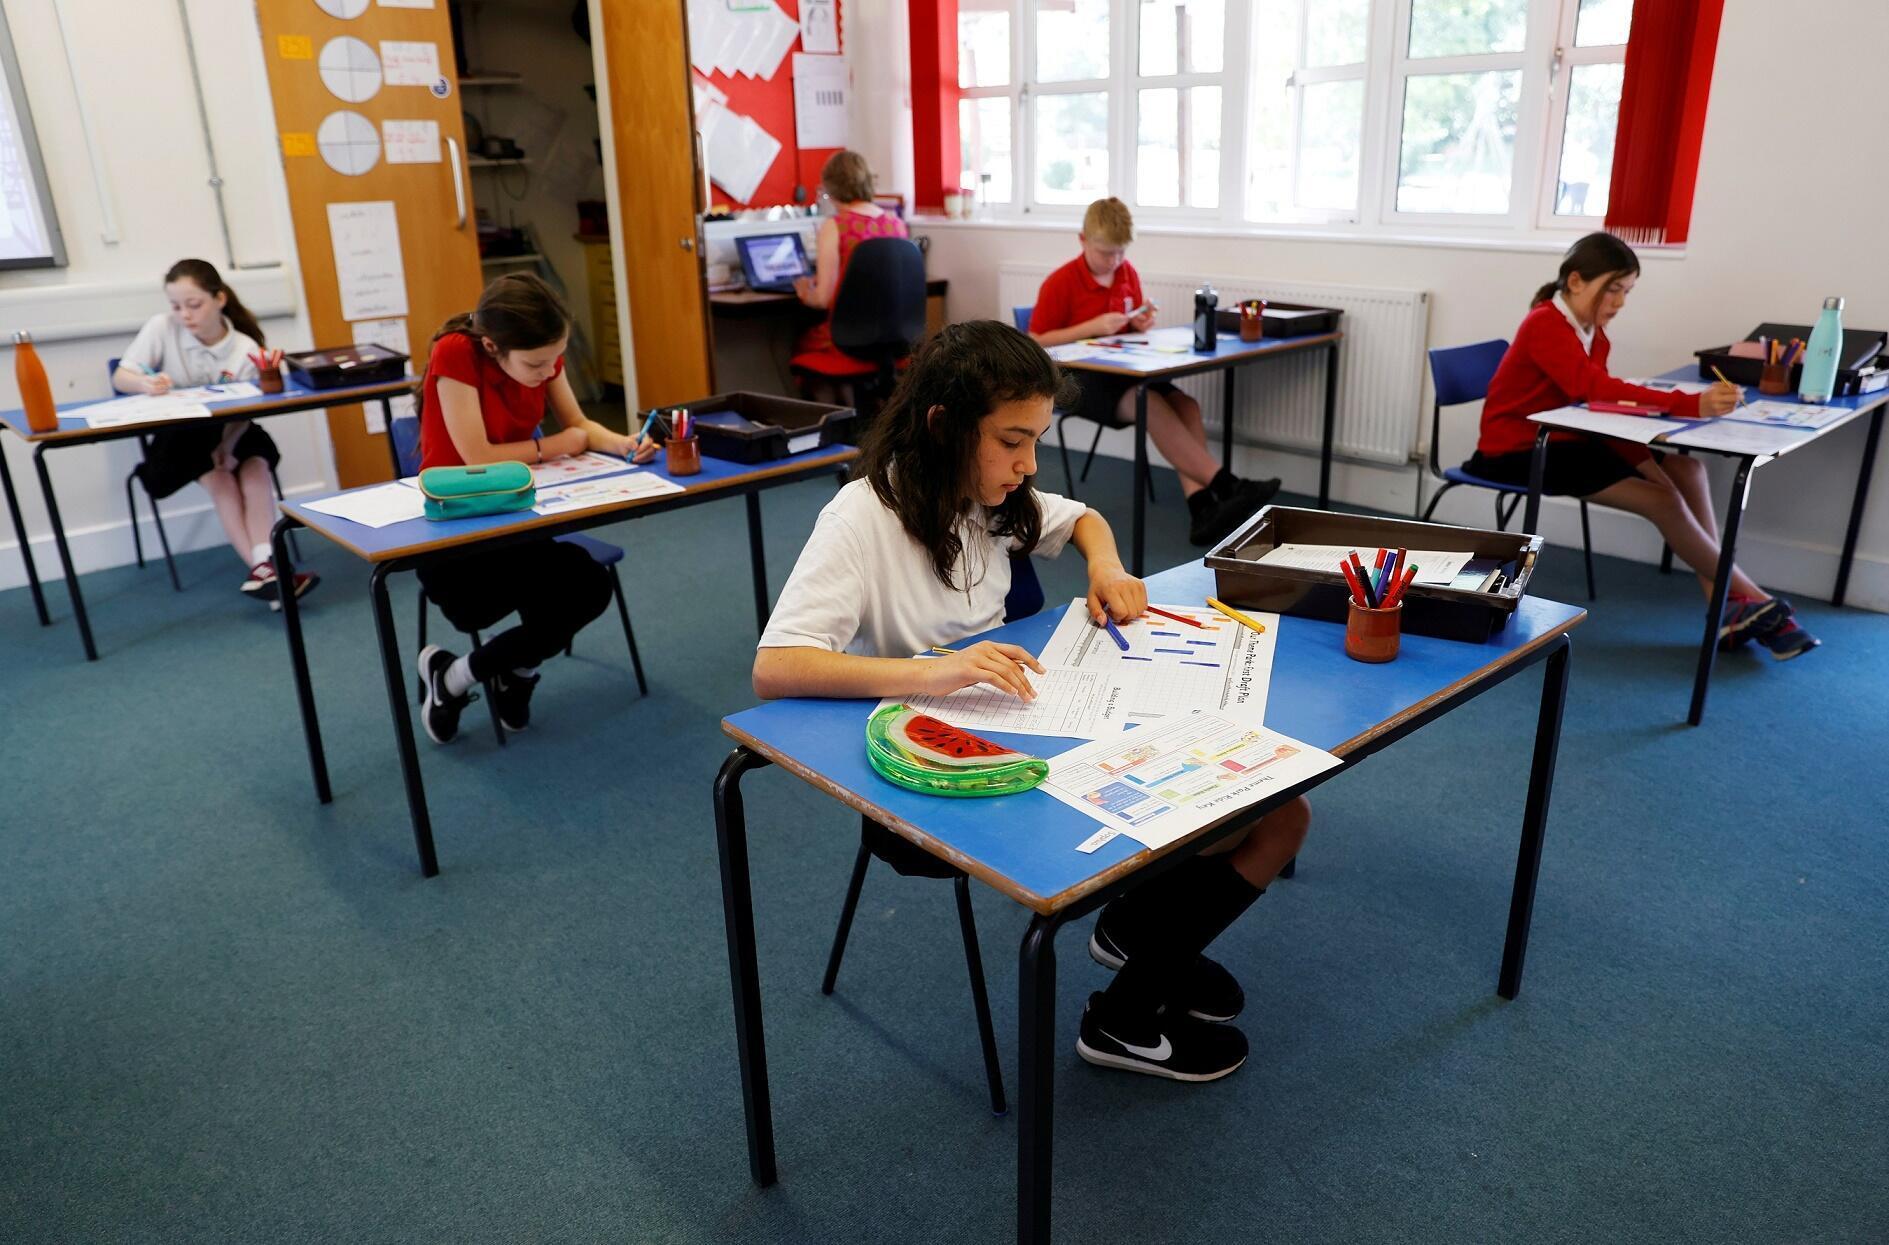 Des élèves dans une école primaire, à Watlington, au nord-ouest de Londres, le 1er juin 2020. Les écoles ont à nouveau ouvert leurs portes en Grande-Bretagne, en dépit du coronavirus.